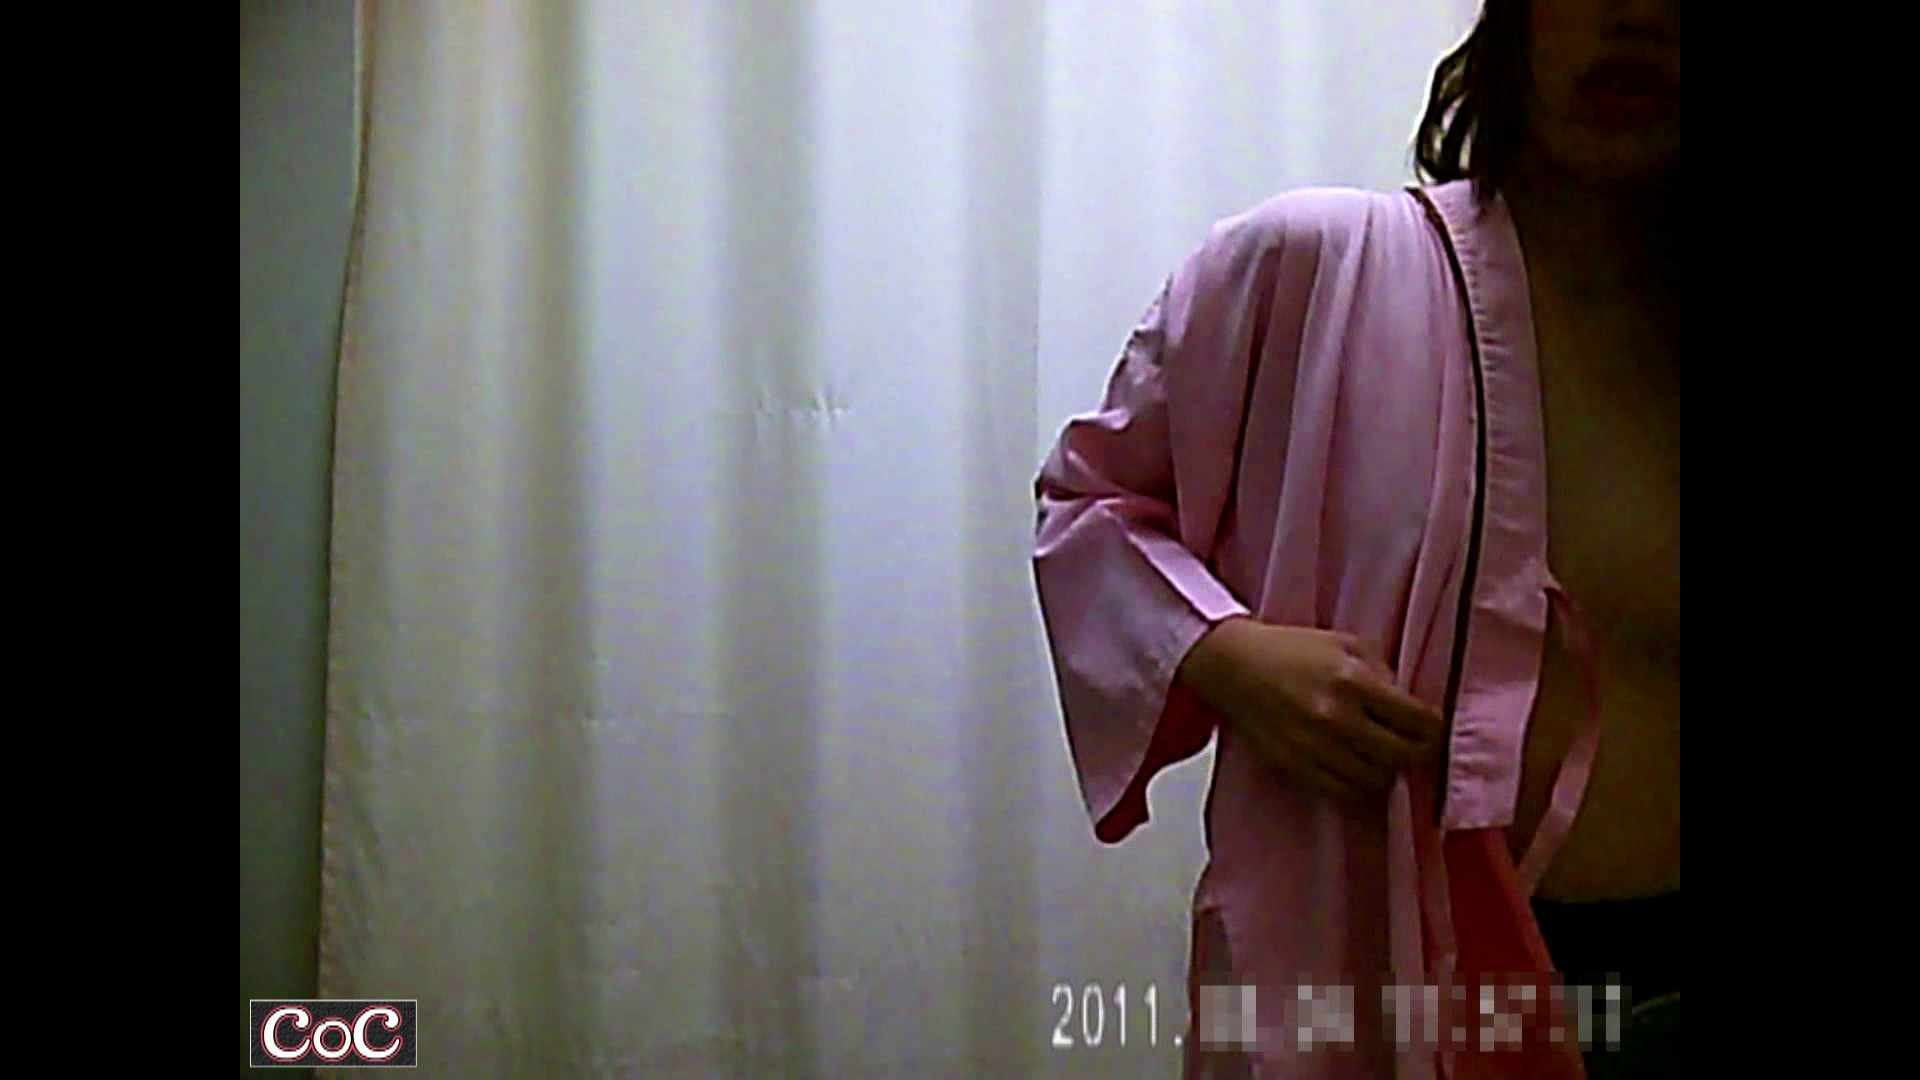 病院おもいっきり着替え! vol.10 巨乳 隠し撮りオマンコ動画紹介 102PIX 47